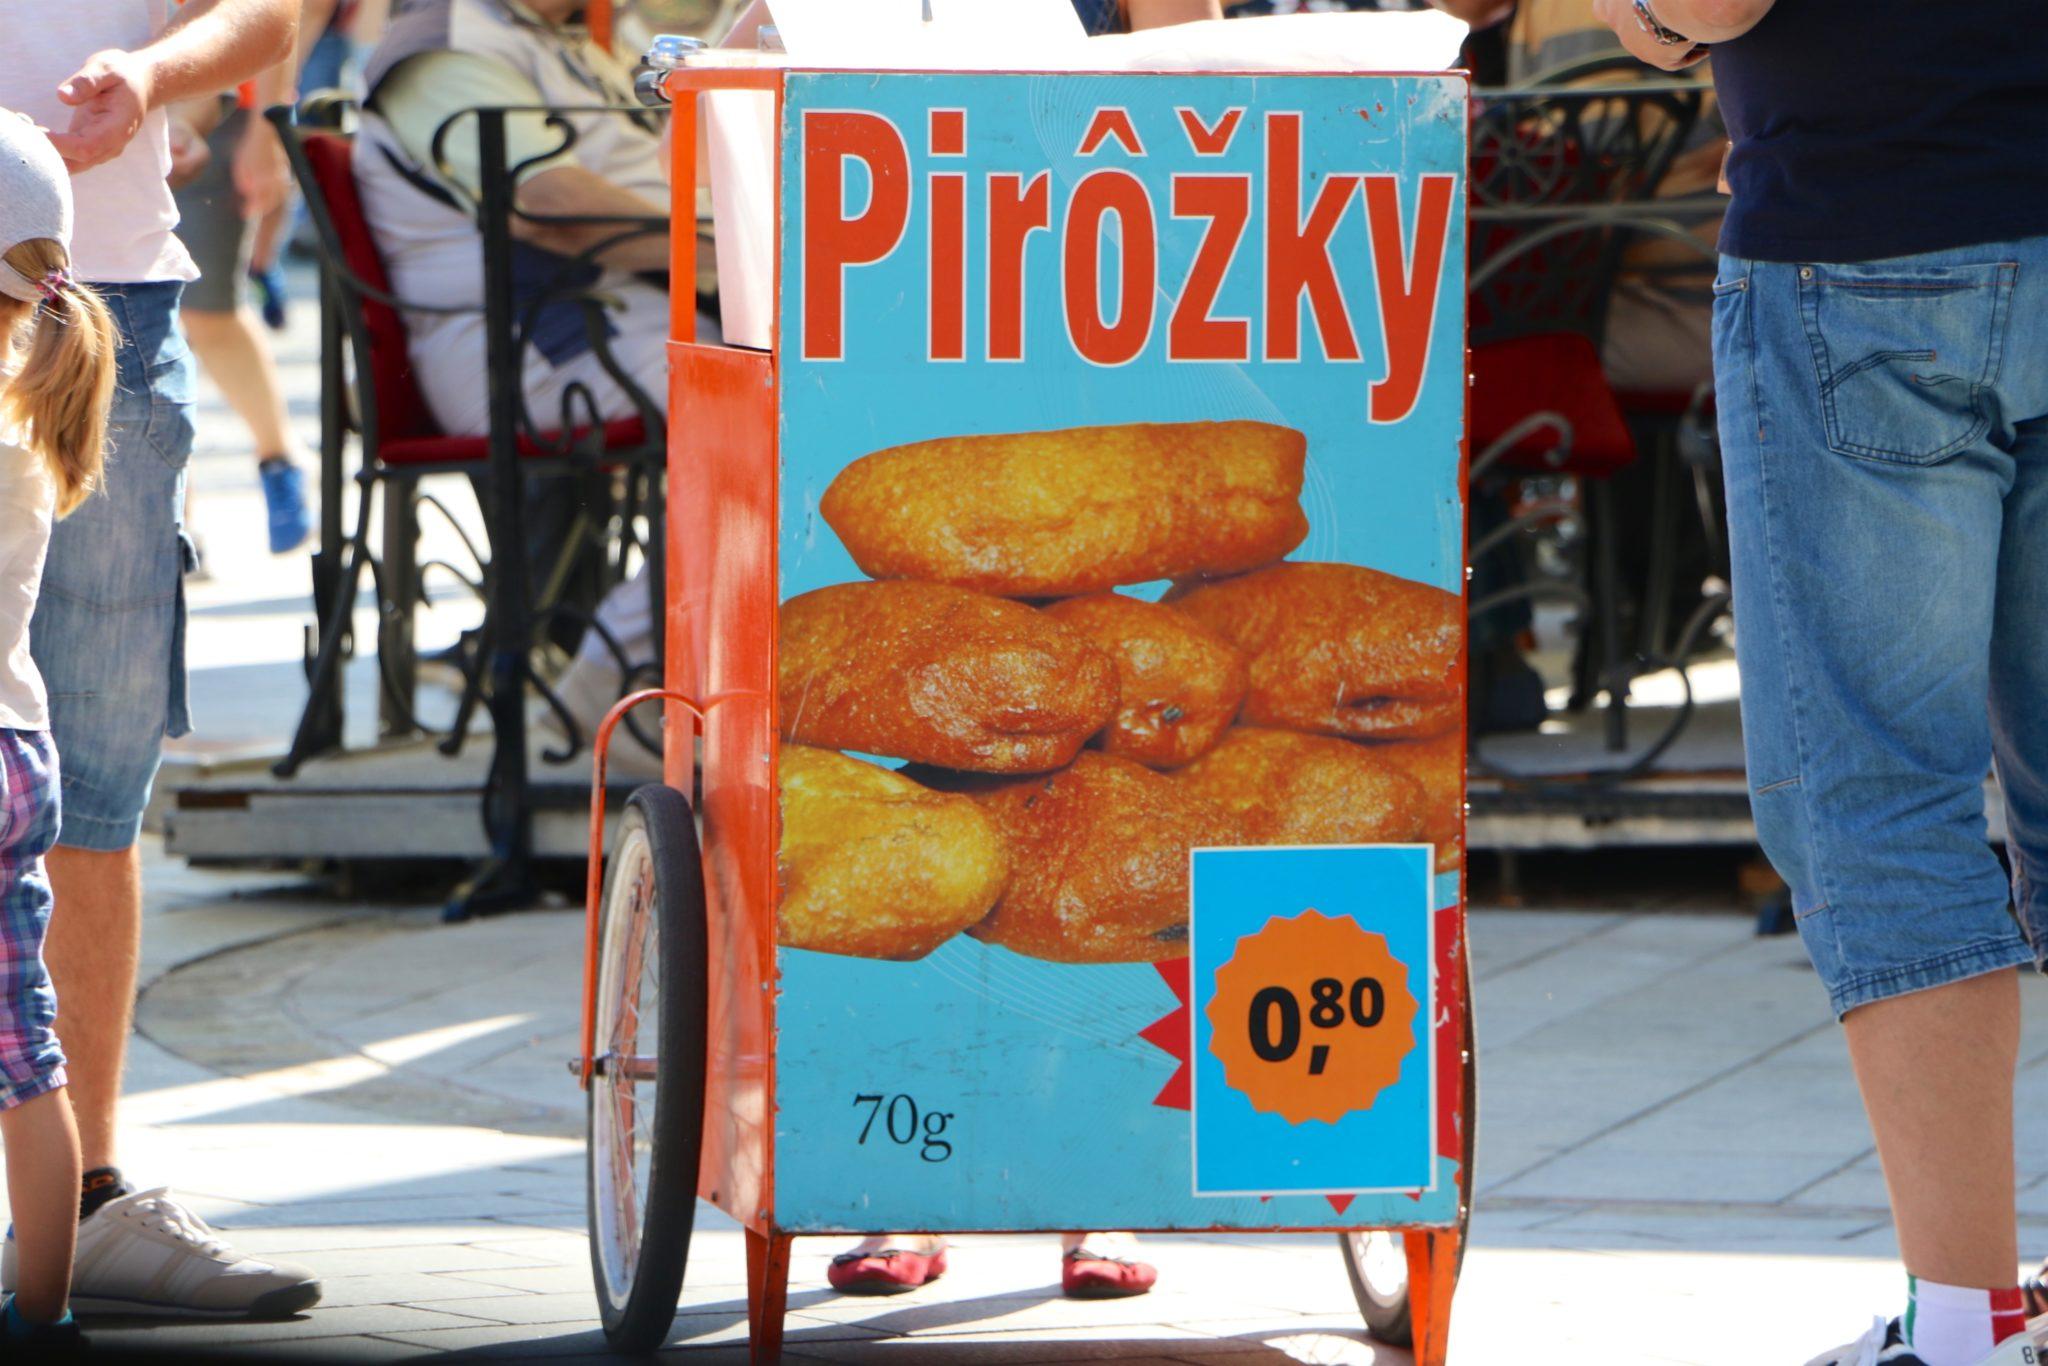 Pirozky: A Slovakian Donut